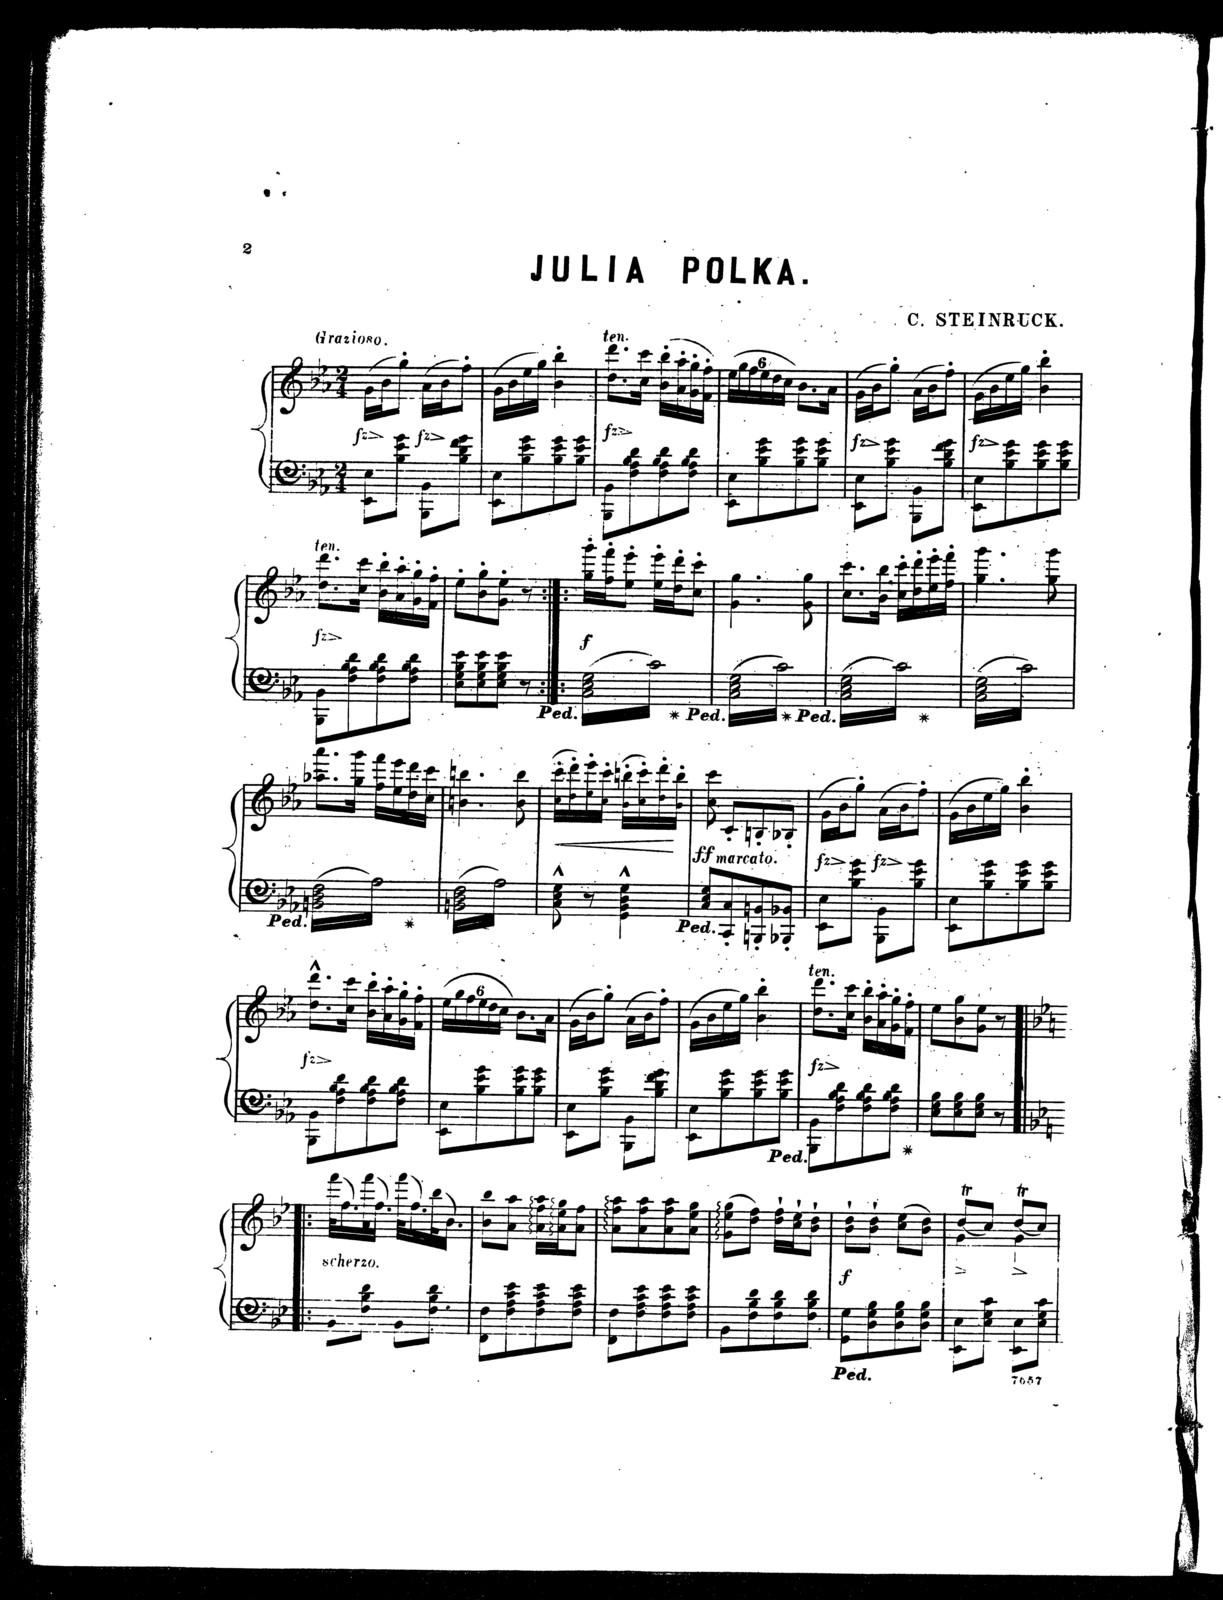 Julia polka